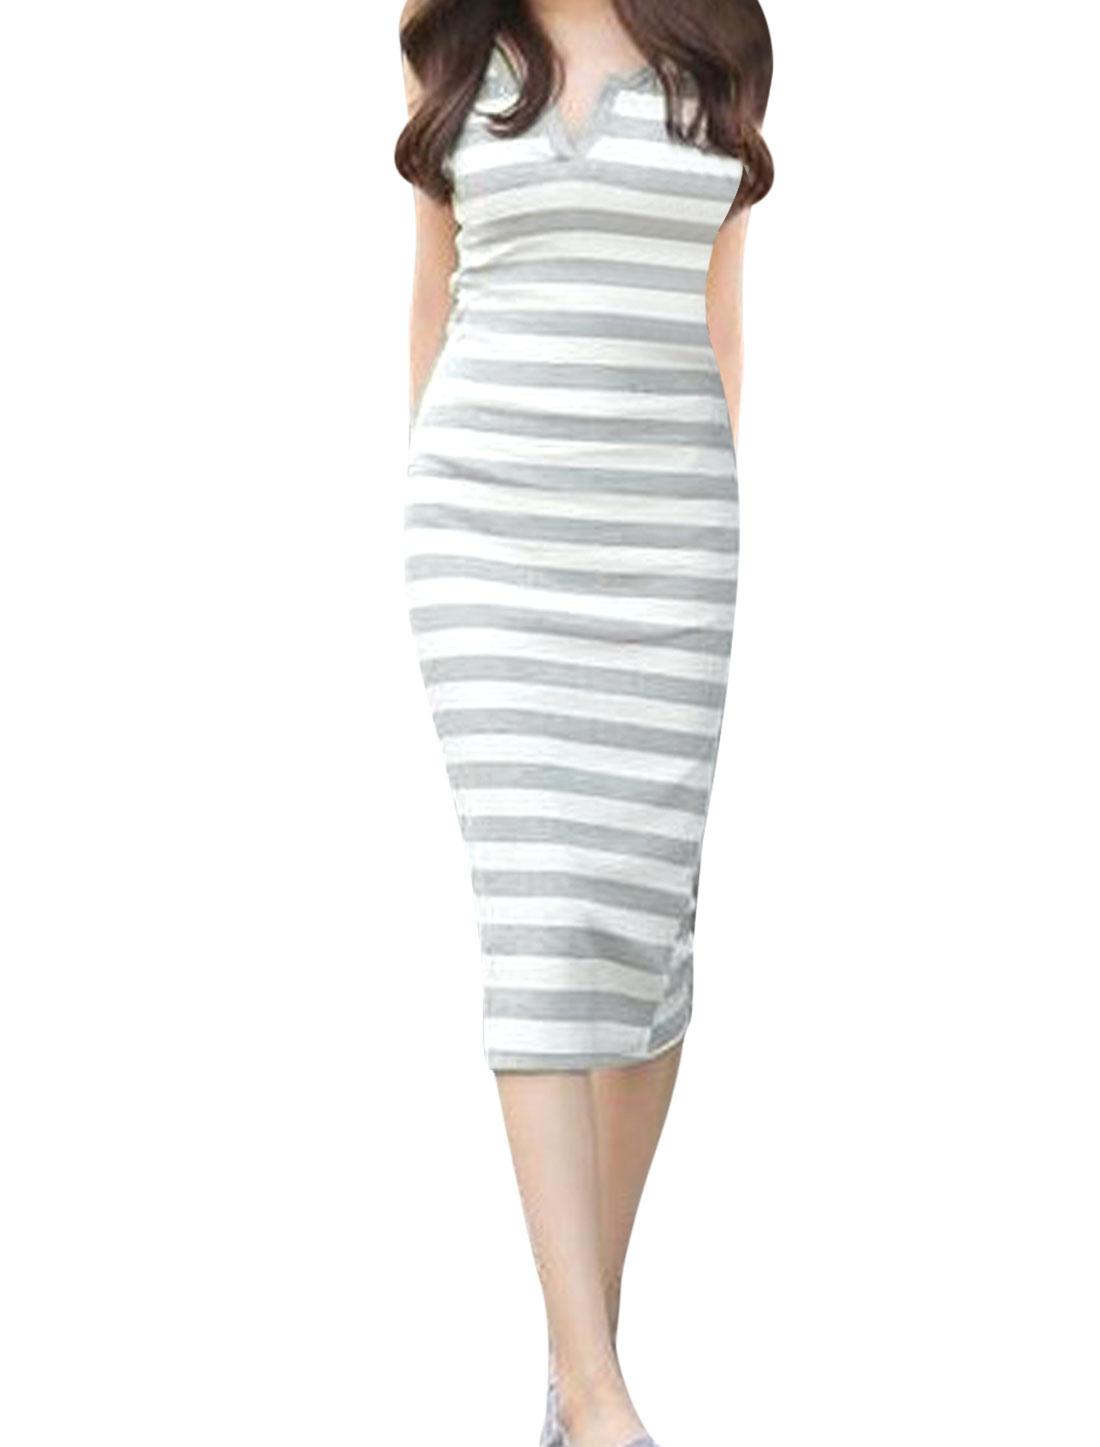 Women Split Neck Stripes Pattern Pullover Trendy Tank Dress White Light Gray S